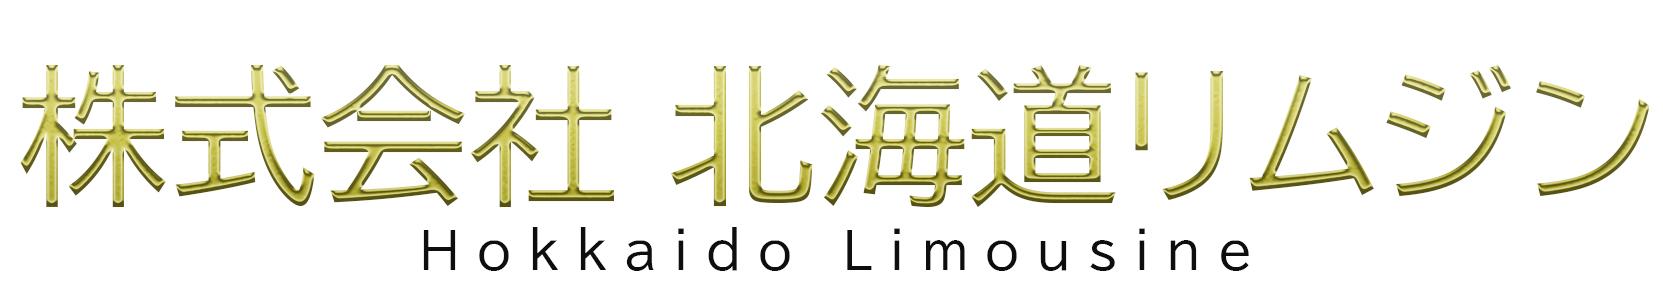 株式会社 北海道リムジン